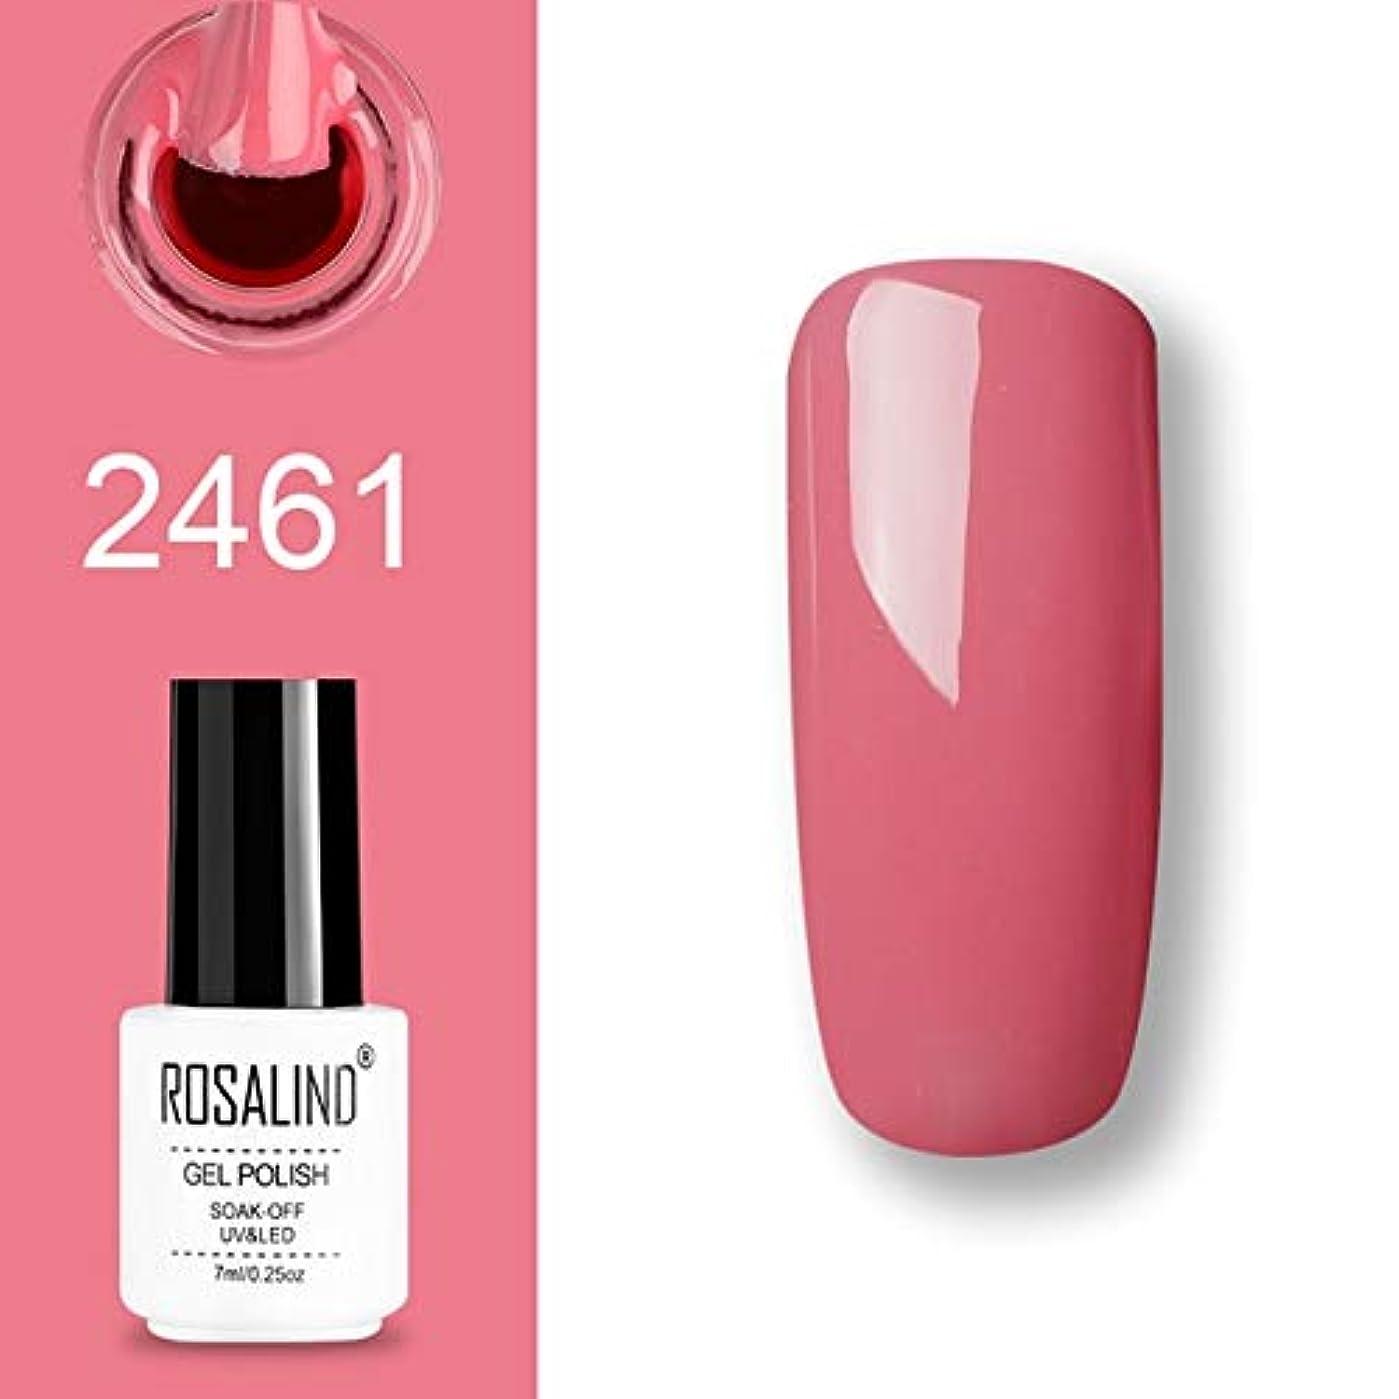 シーフード小康言い聞かせるファッションアイテム ROSALINDジェルポリッシュセットUVセミパーマネントプライマートップコートポリジェルニスネイルアートマニキュアジェル、ピンク、容量:7ml 2461。 環境に優しいマニキュア